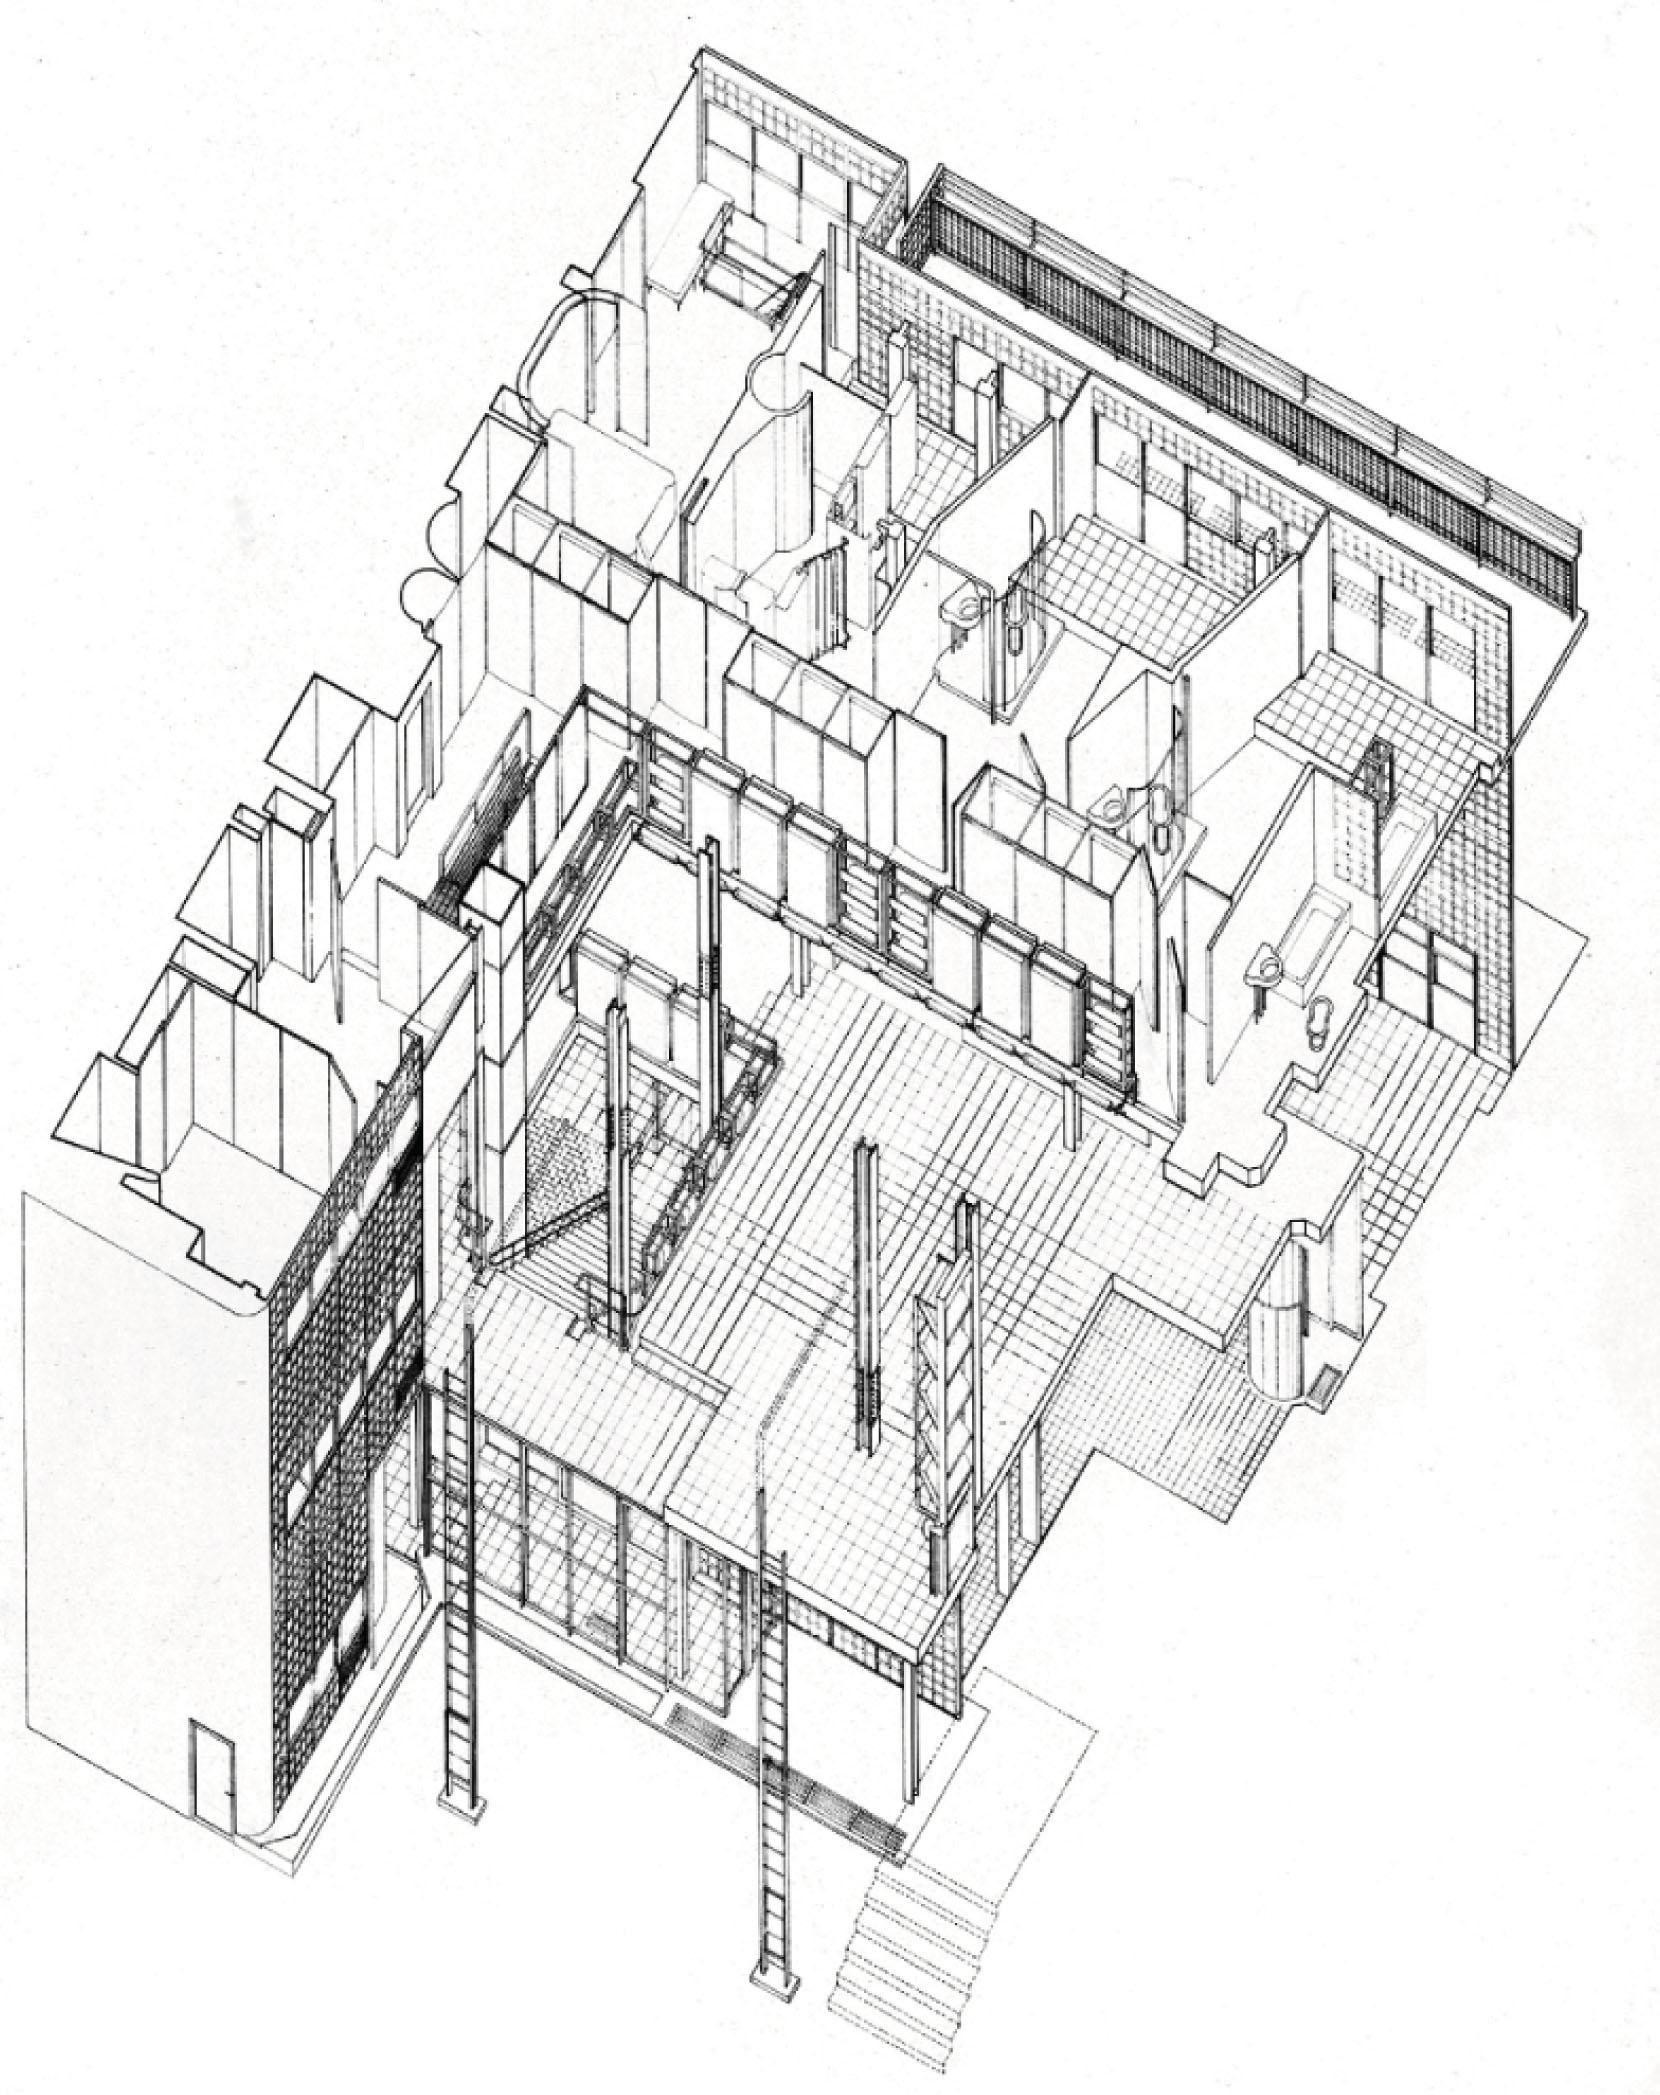 Chareau Architect Maison Du Verre